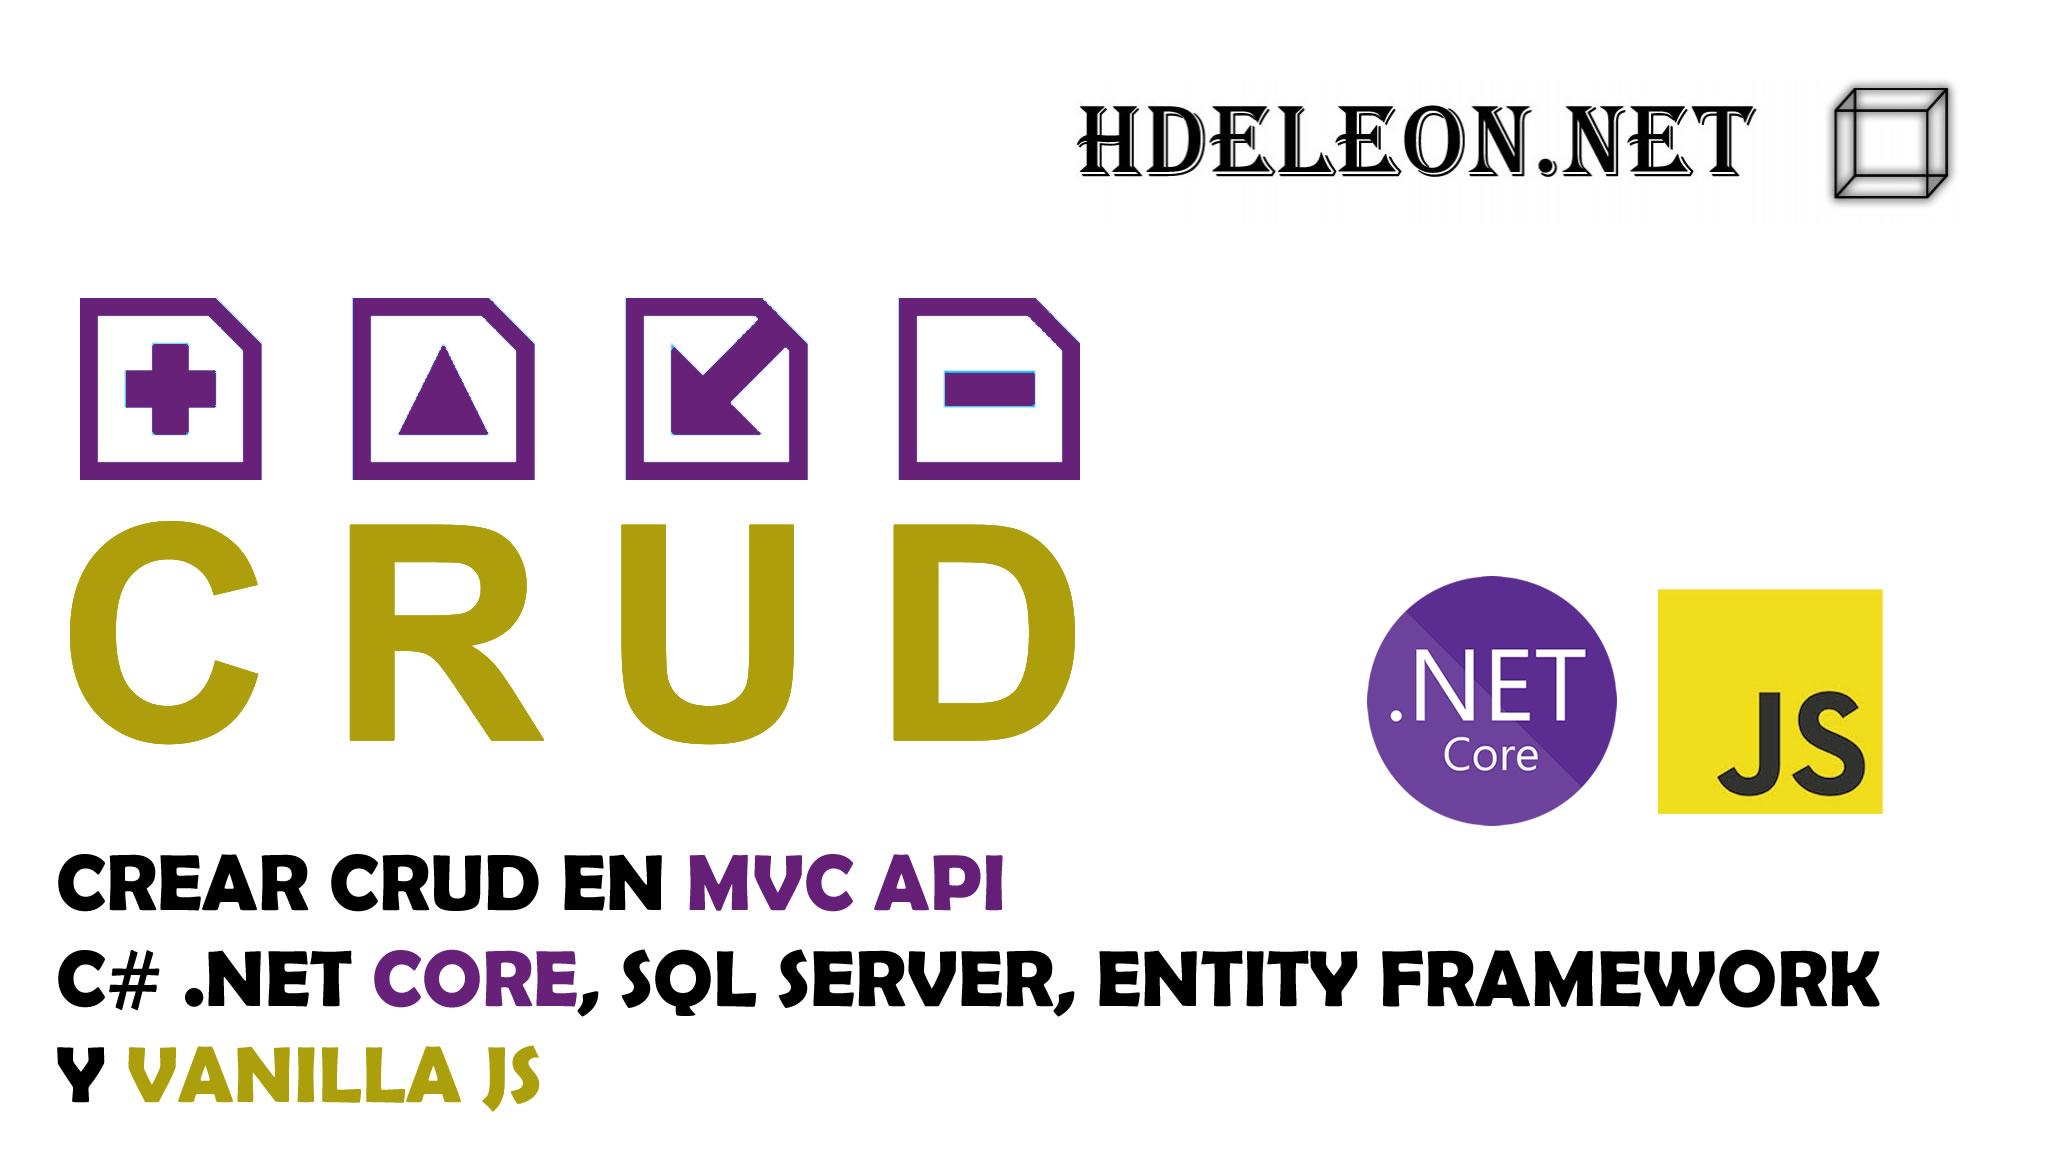 Crear CRUD en MVC Api .Net Core con C#, Entity Framework y Vanilla Javascript